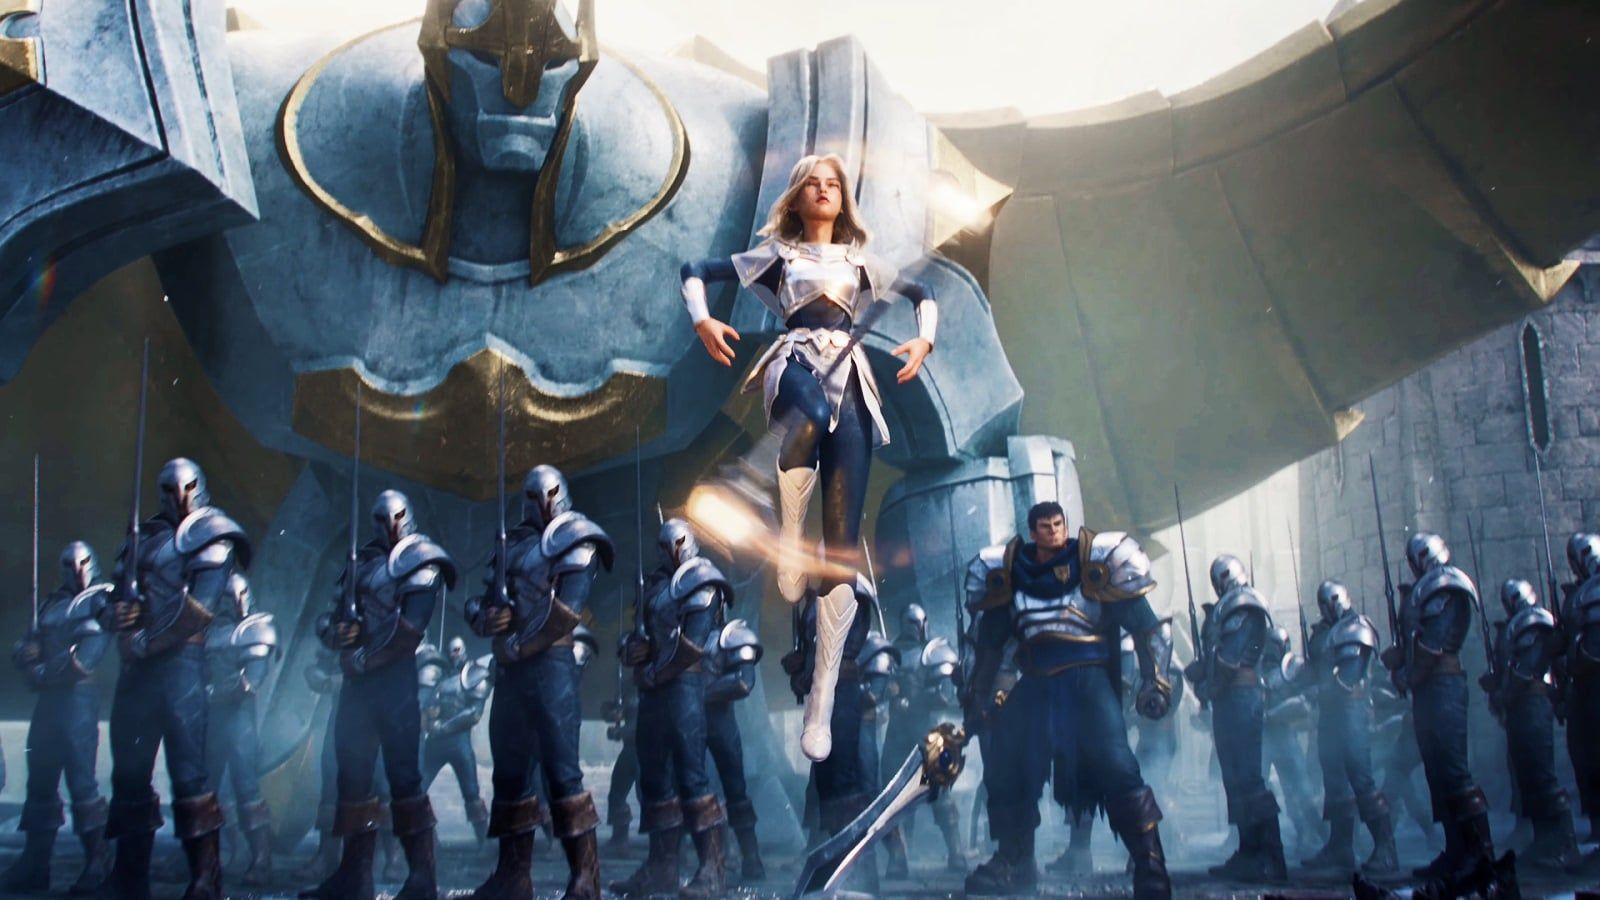 League Of Legends 2020 Warriors Cinematic Wallpapers L2pbomb In 2020 League Of Legends Lol League Of Legends League